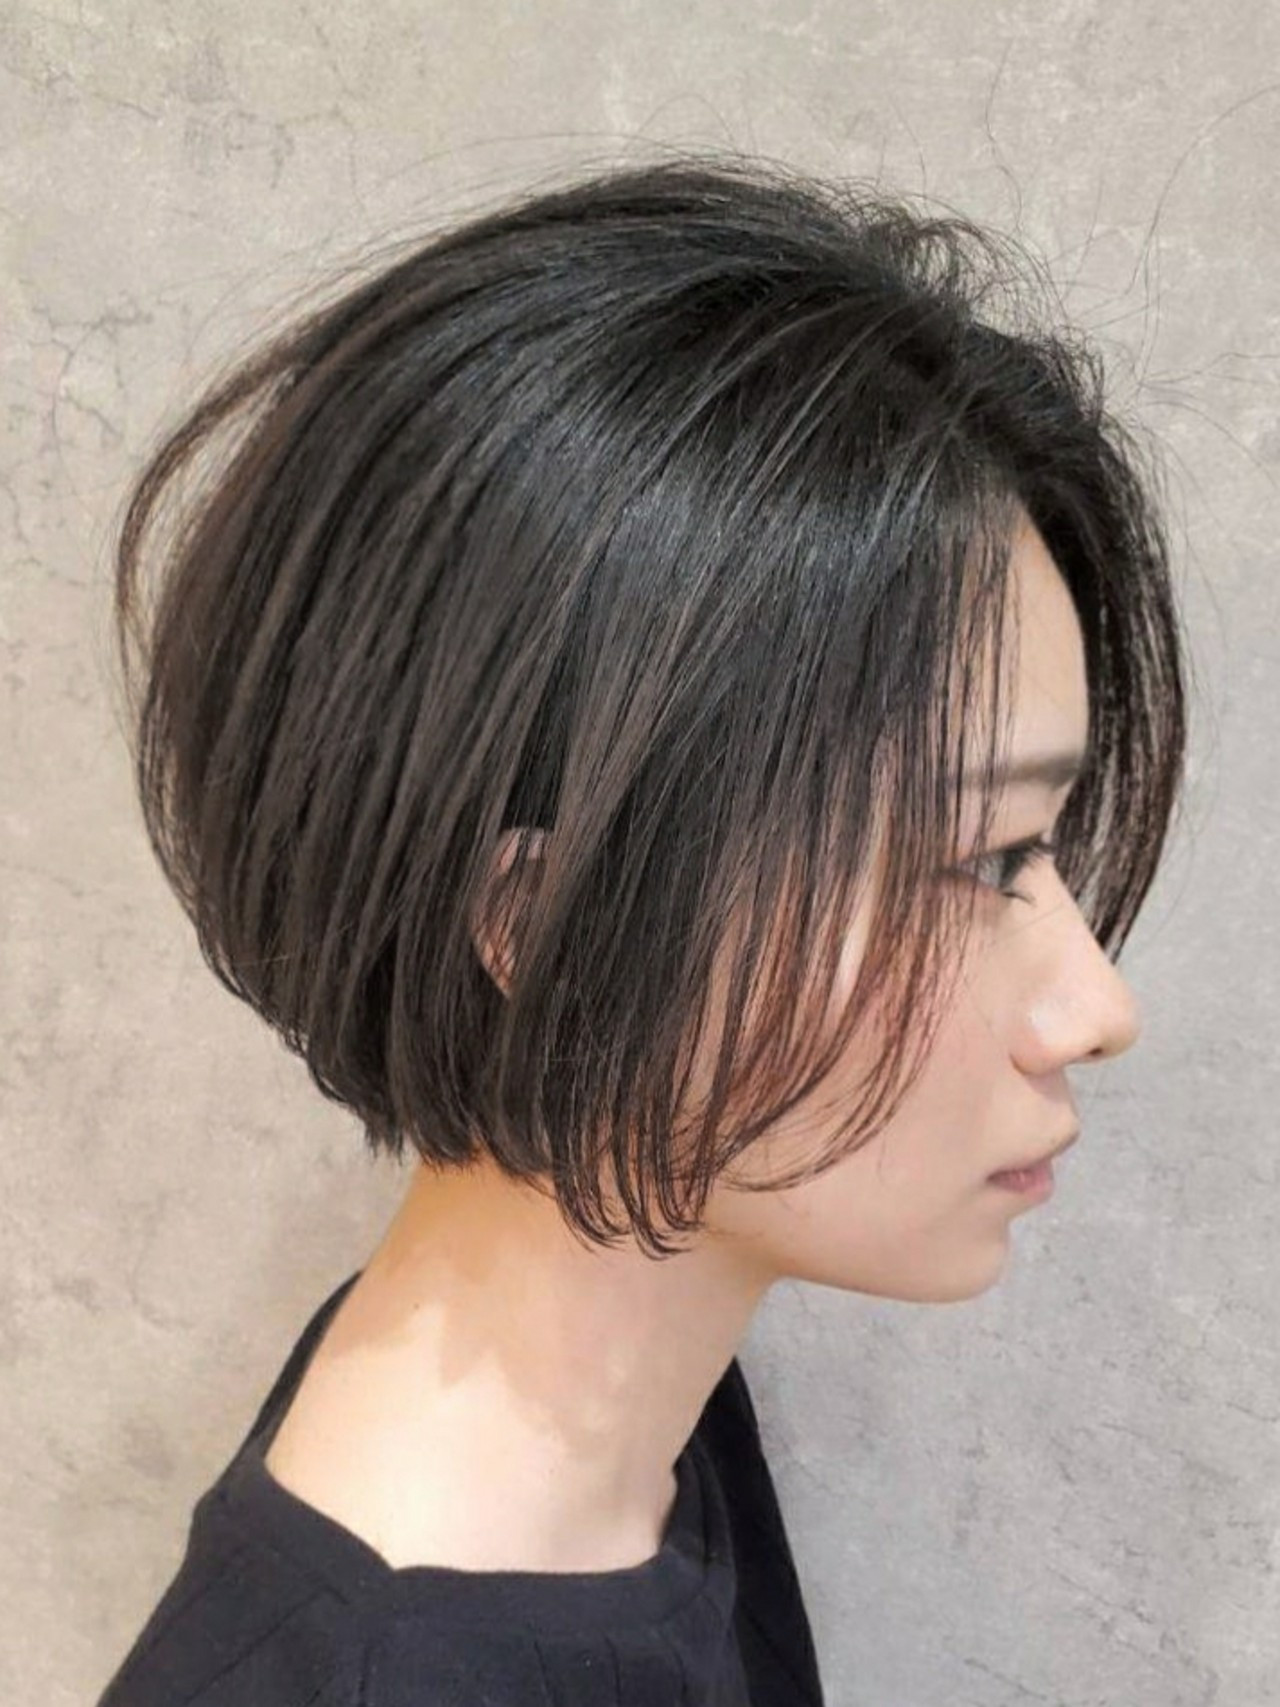 ナチュラル インナーカラー ボブ ショートヘア ヘアスタイルや髪型の写真・画像